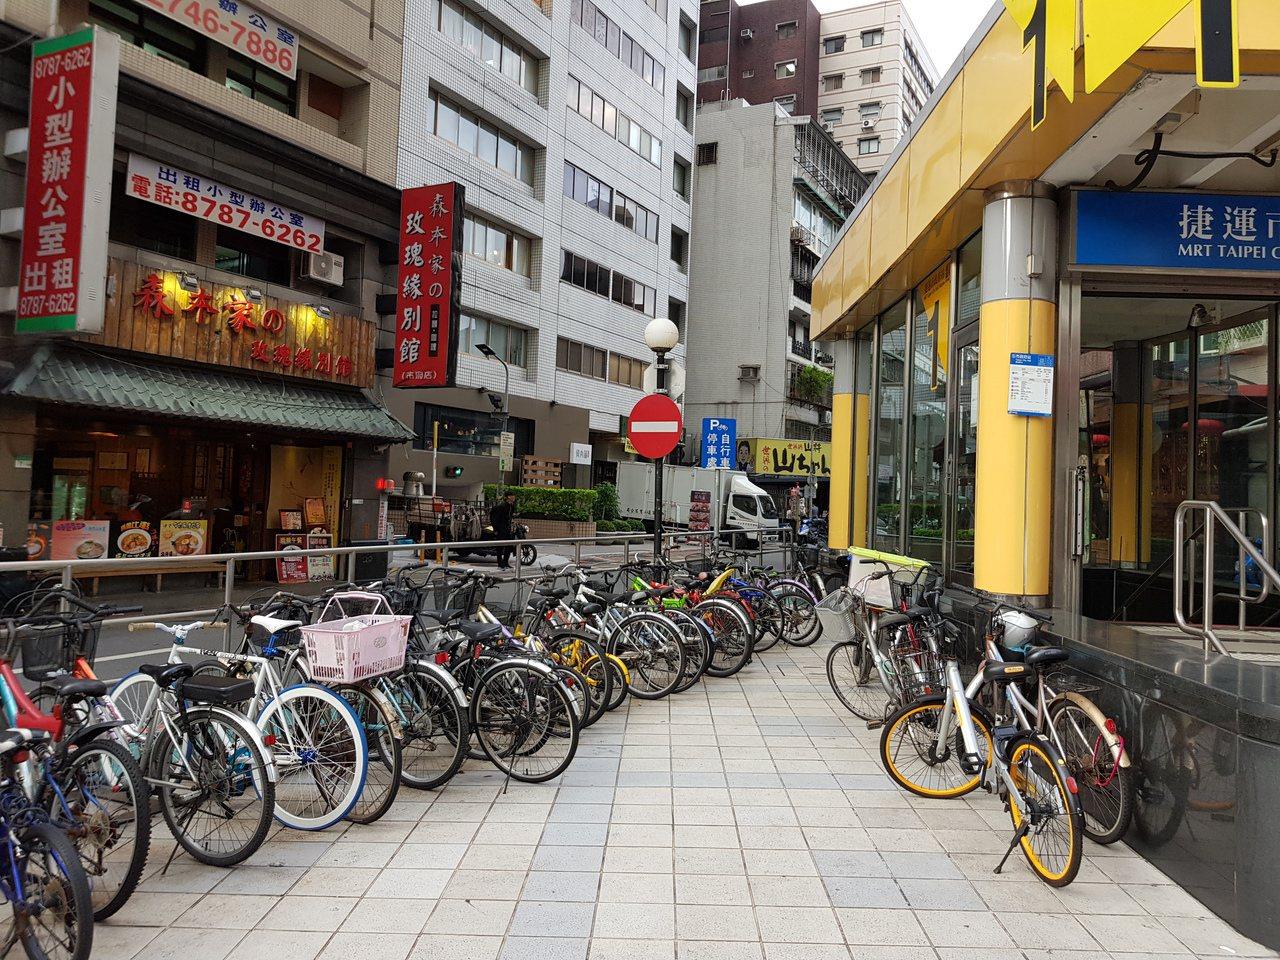 台北市衝2020年自行車位要達4.6萬席,如今北市自行車格已有3.8萬席,將持續...